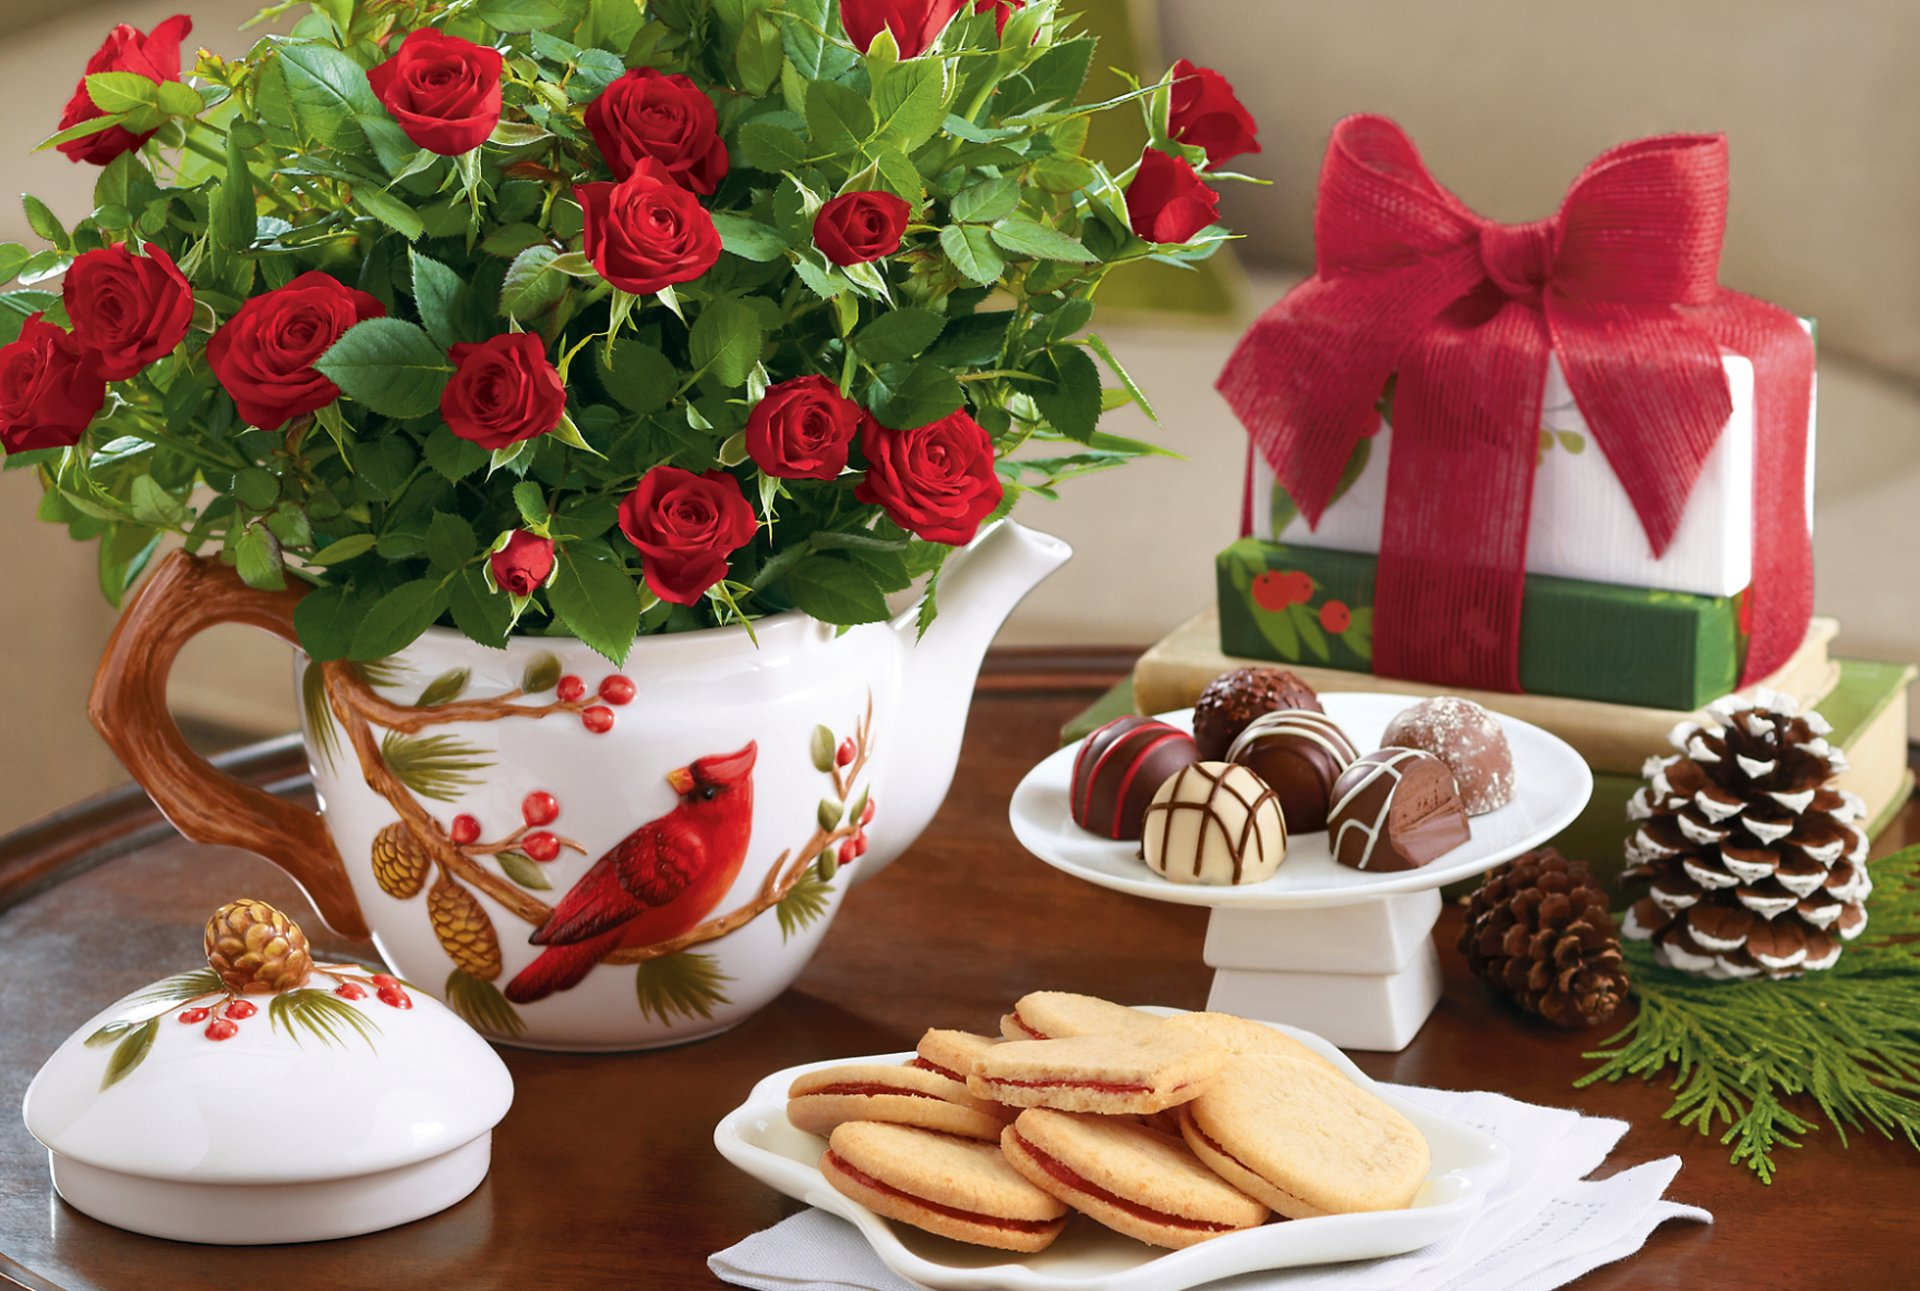 Красивые открытки со сладостями с пожеланиями доброго утра и хорошего дня